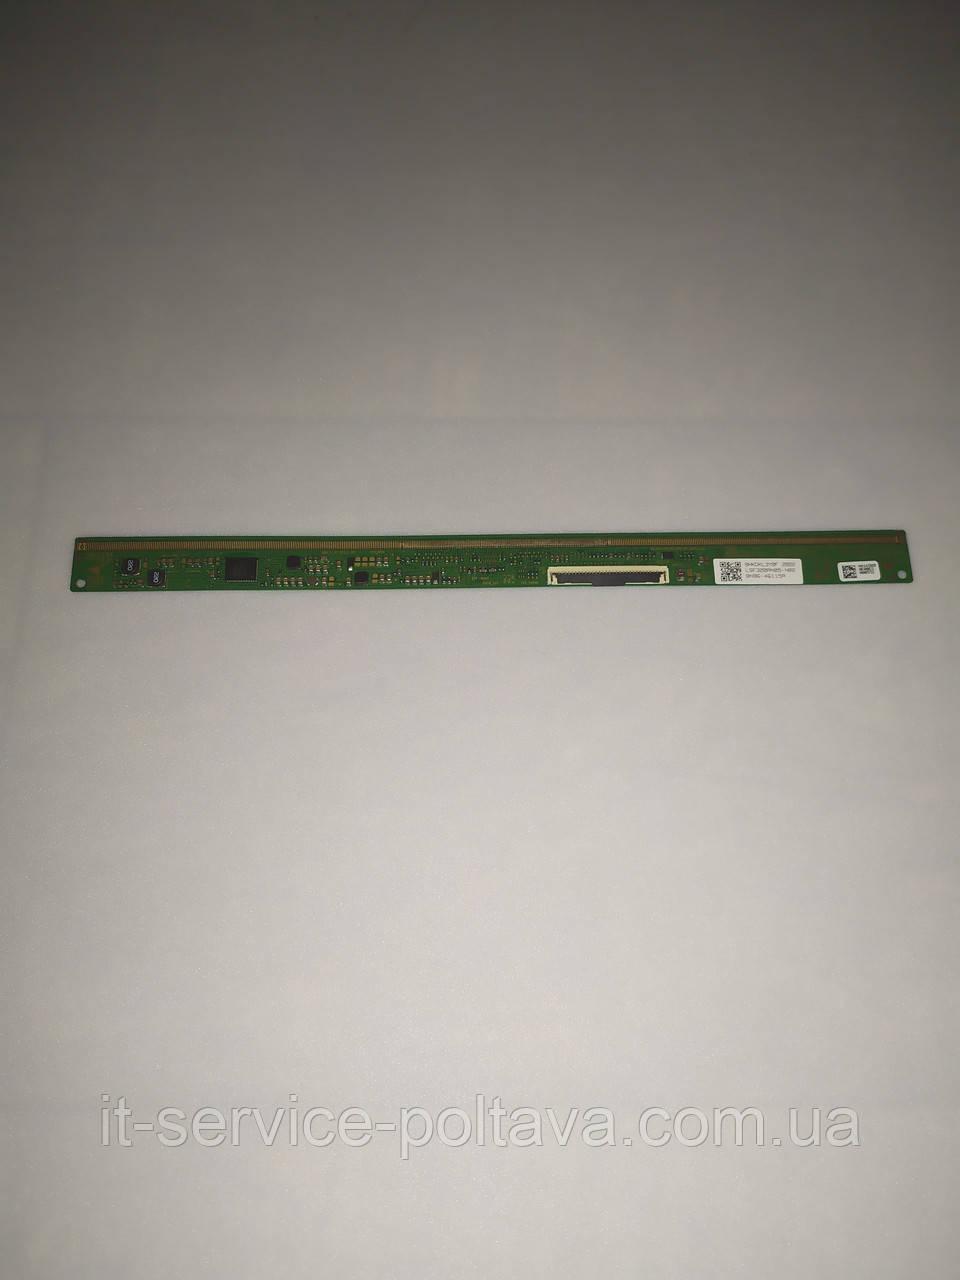 Плата (T-CON) 16Y_VGH11MB7S4LV0.1 (LSF320AN05-N02, BN96-46115A) для телевізора SAMSUNG